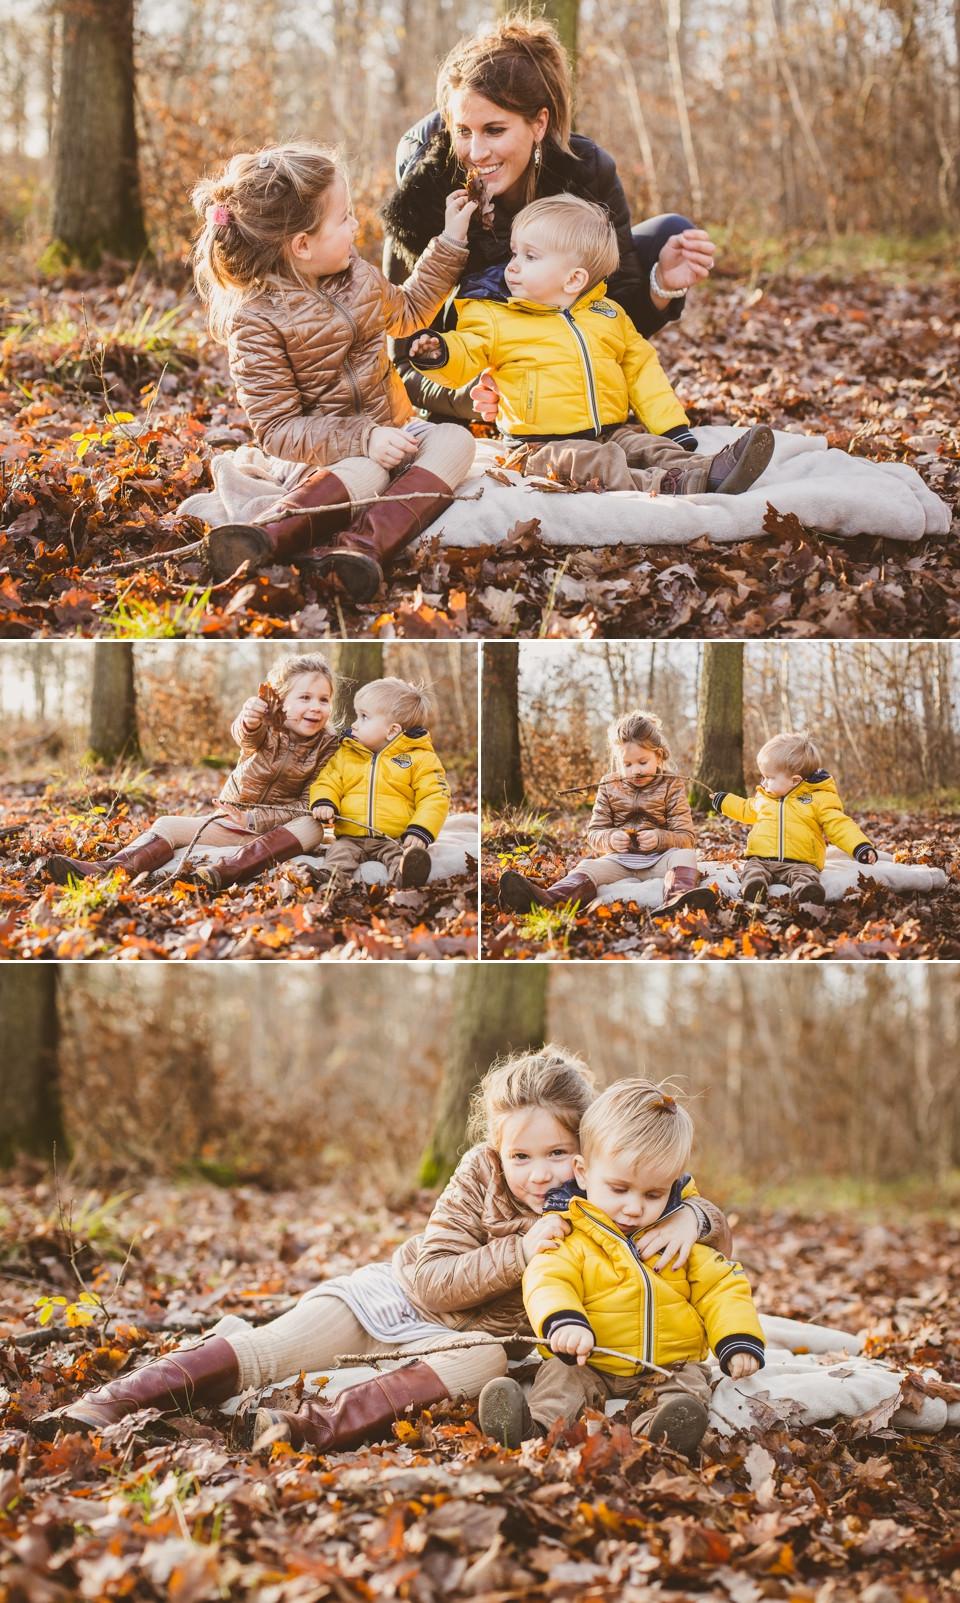 séance photo famille en forêt 94 Domaine de Grosbois